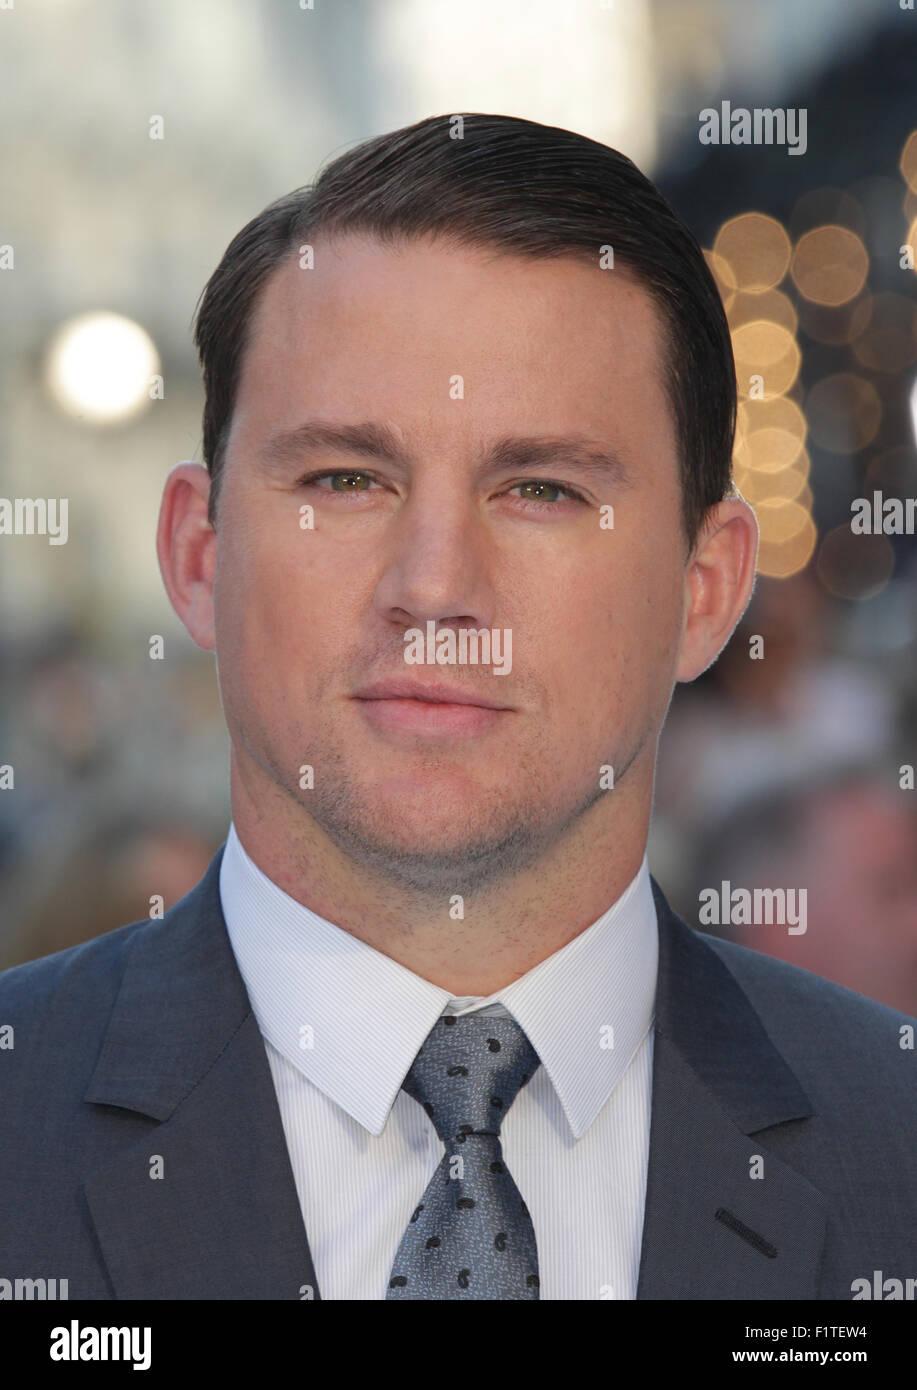 LONDON, UK, 30. Juni 2015: Channing Tatum besucht den Magic Mike: XXL - britischen Filmpremiere, Leicester Square Stockfoto